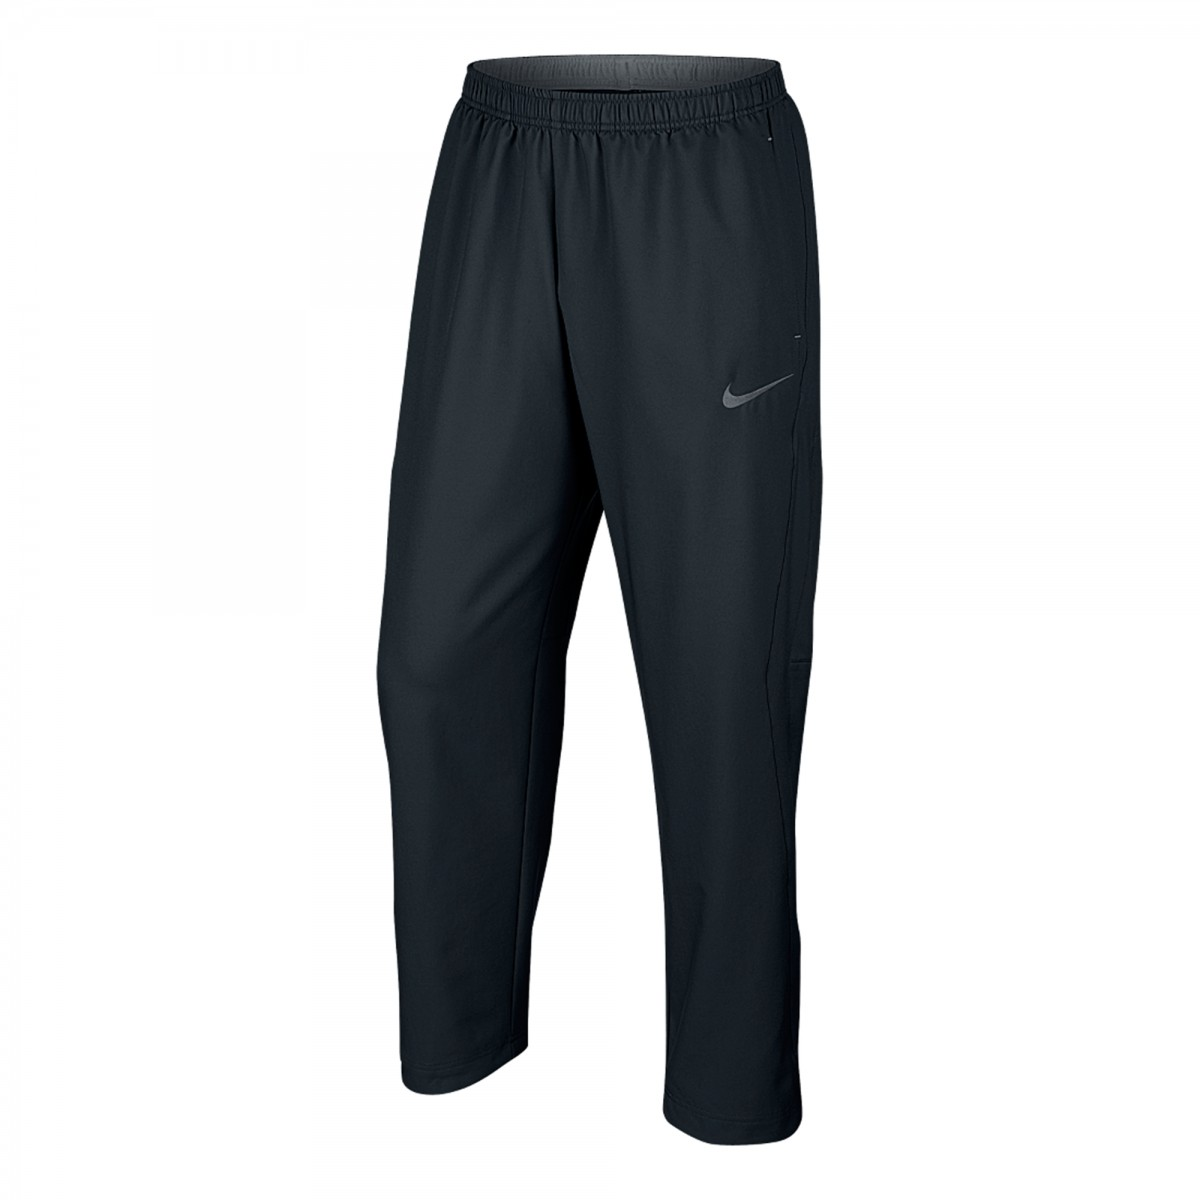 Bizz Store - Calça Masculina Nike Dry Pant Team Woven a92a36add58a3